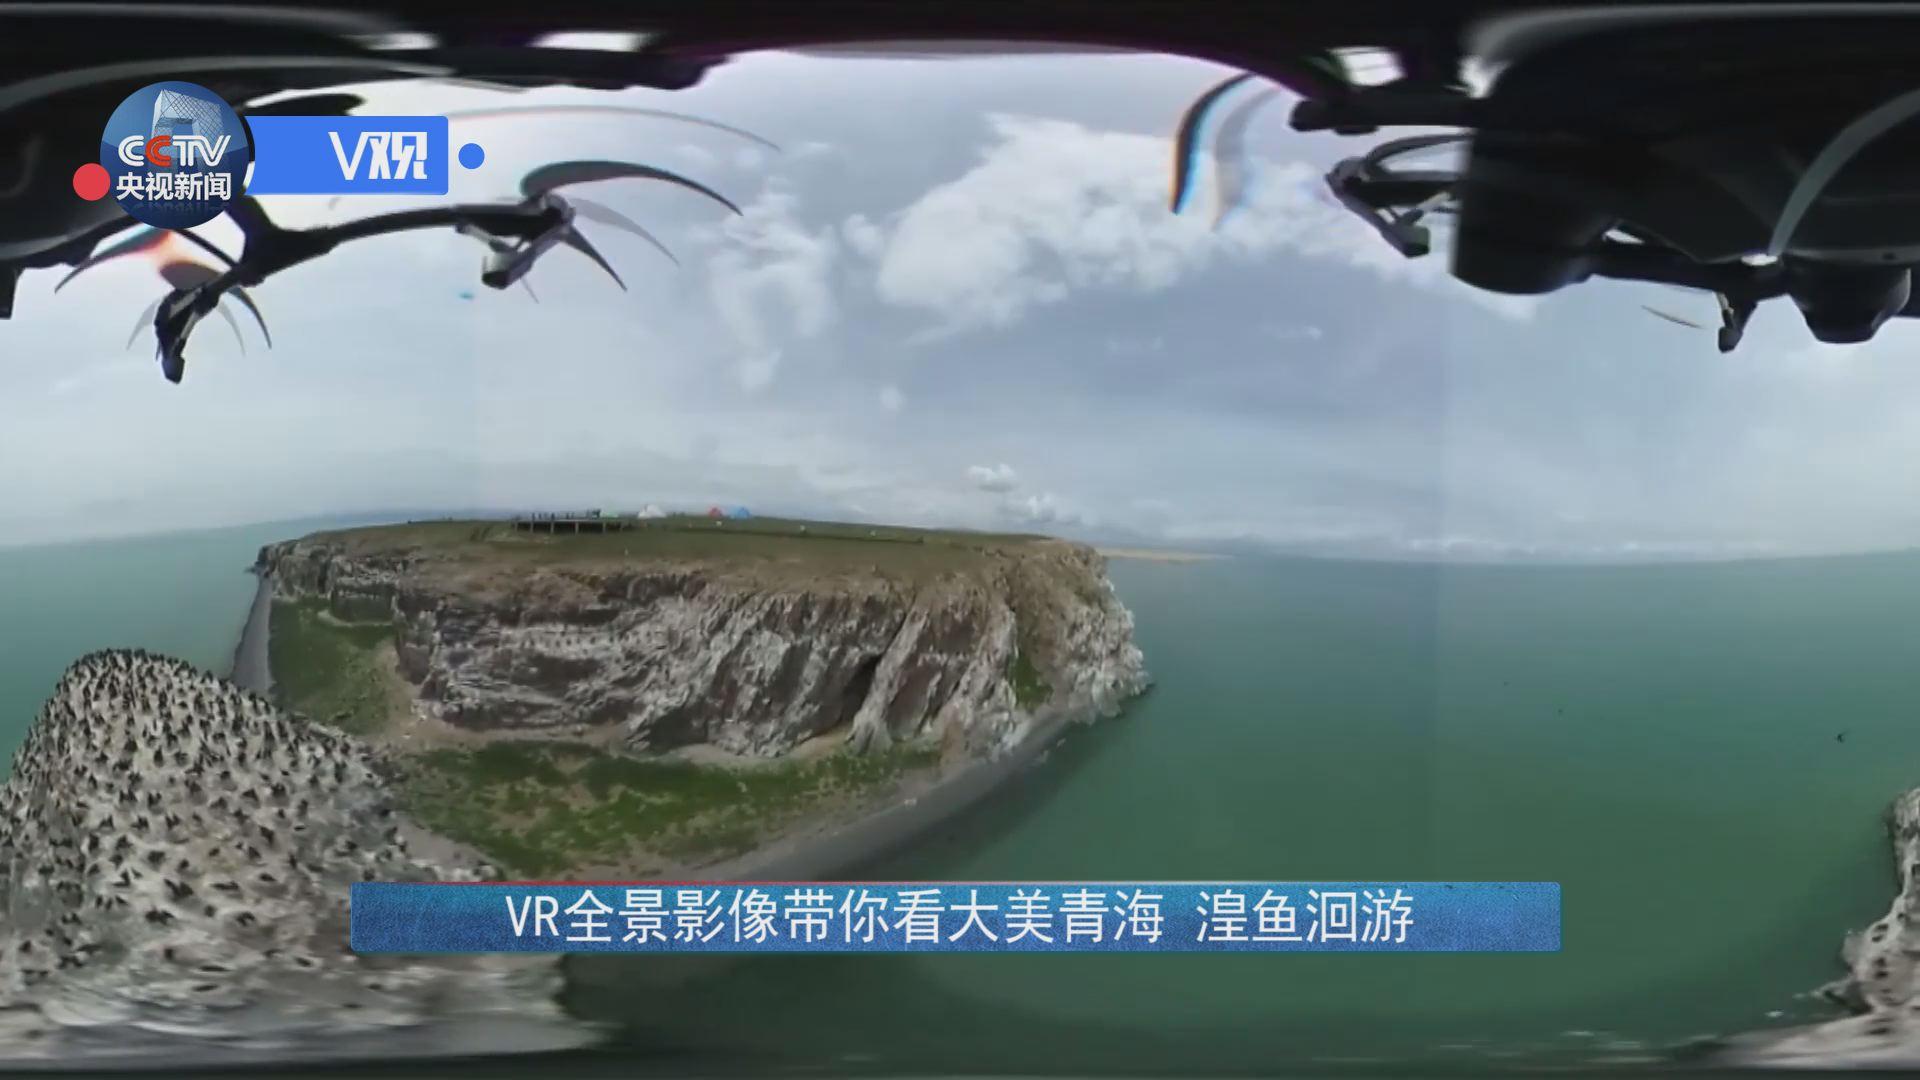 [独家V观]VR全景视频带你看大美青海湟鱼洄游信承影像国图片